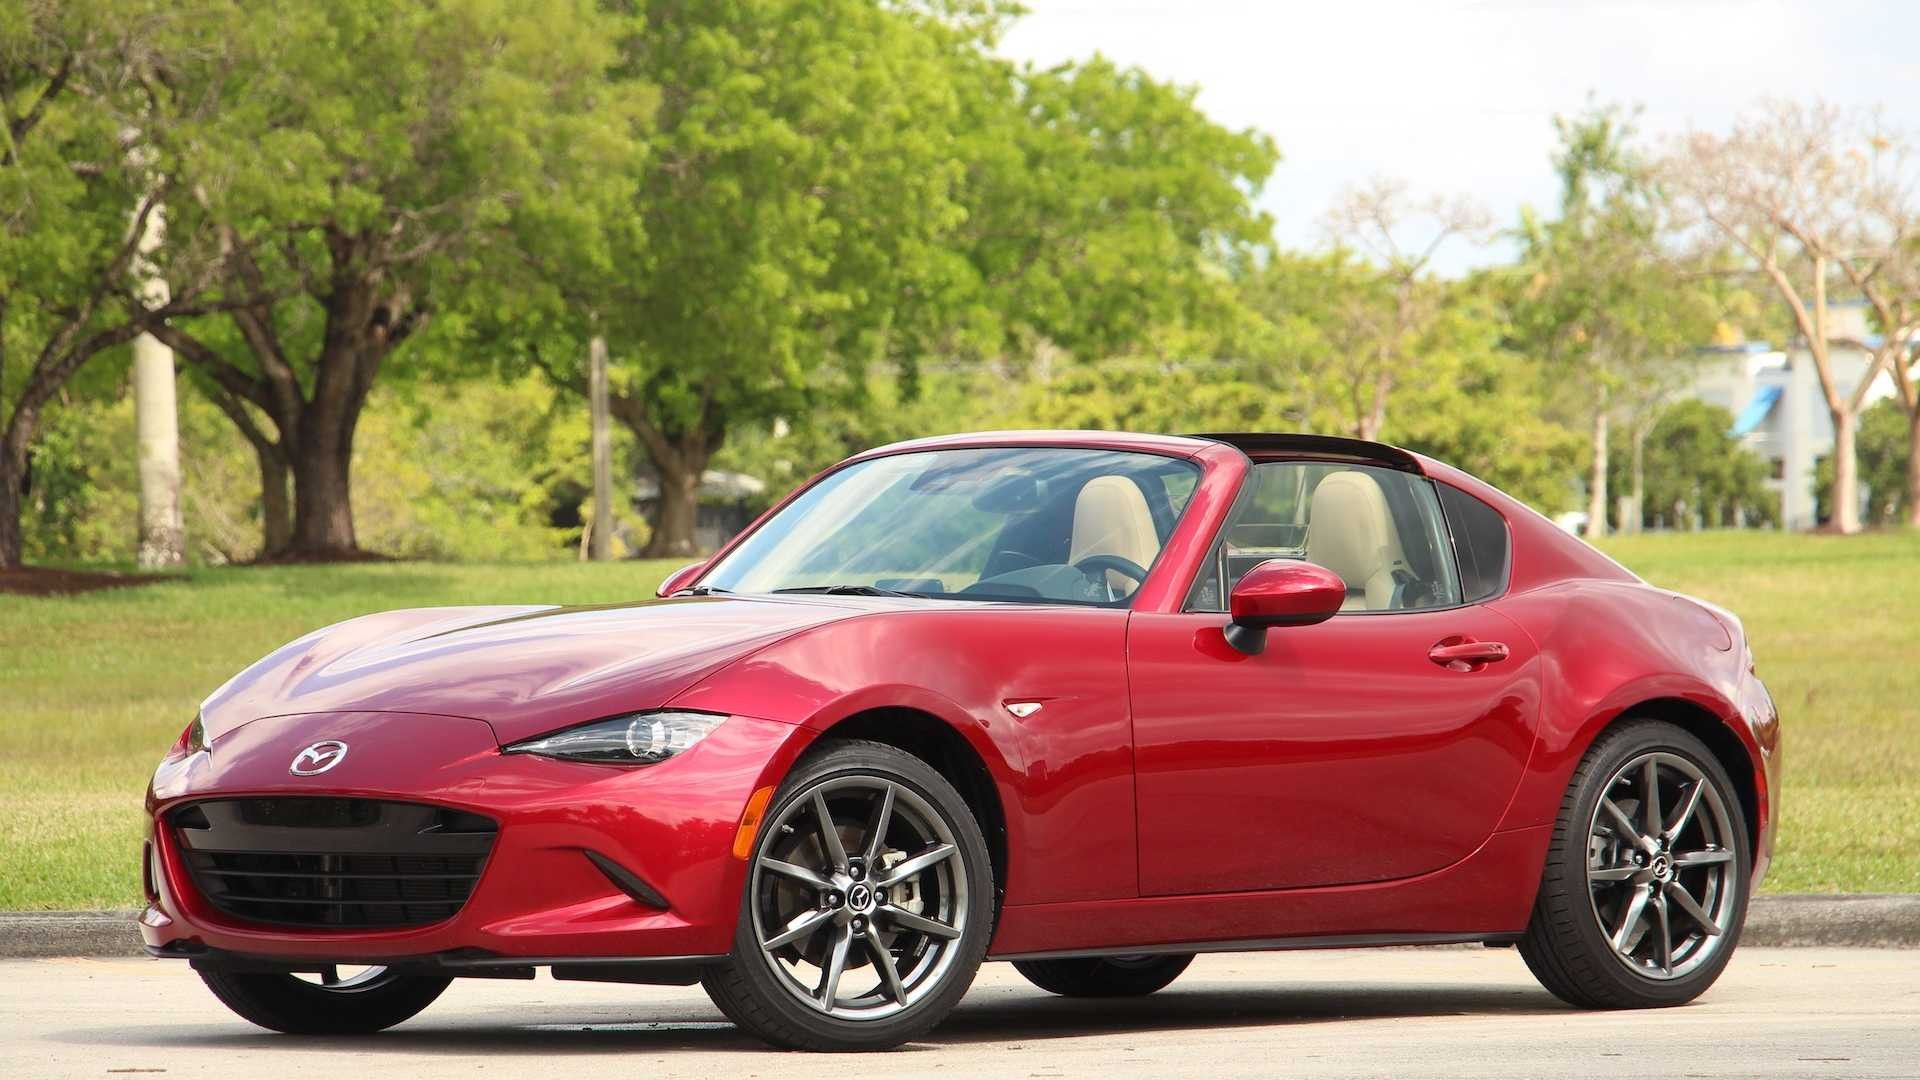 2020 Mazda Miata Release Date New Engine In 2020 Mazda Miata Miata Mazda Mx5